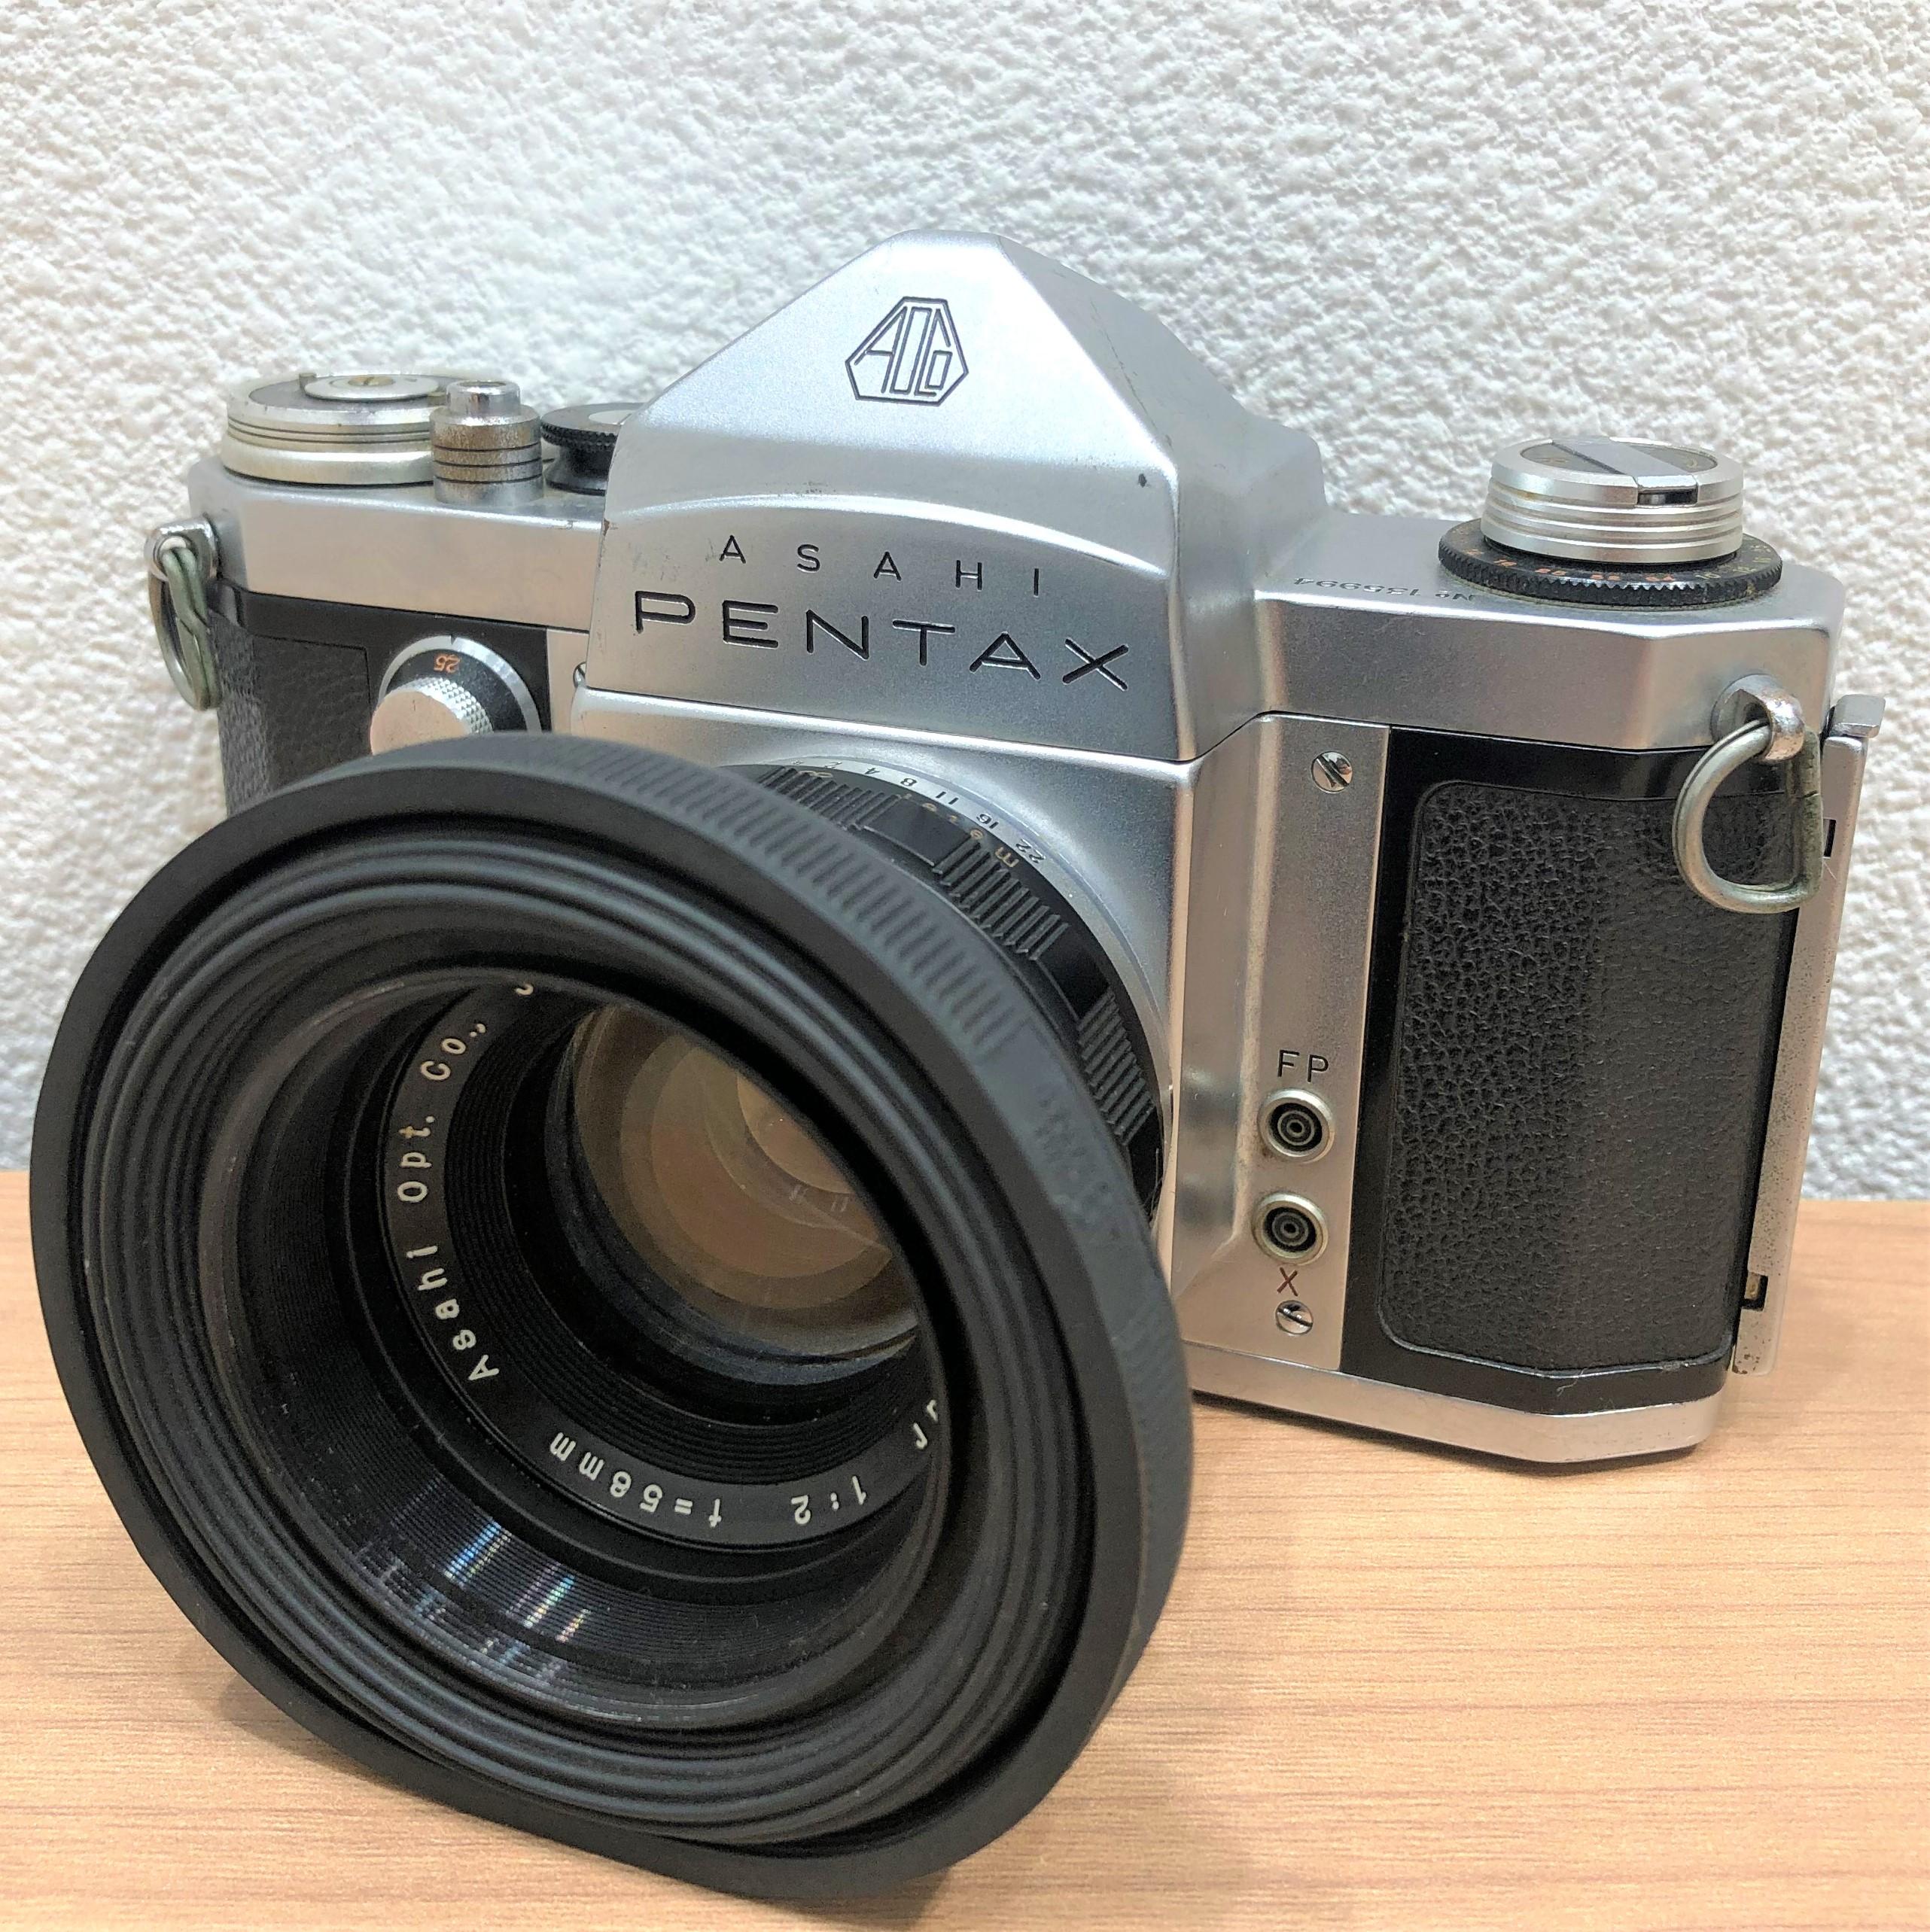 【ASAHI PENTAX/アサヒペンタックス】AP Takumar F2 58mm フィルムカメラ